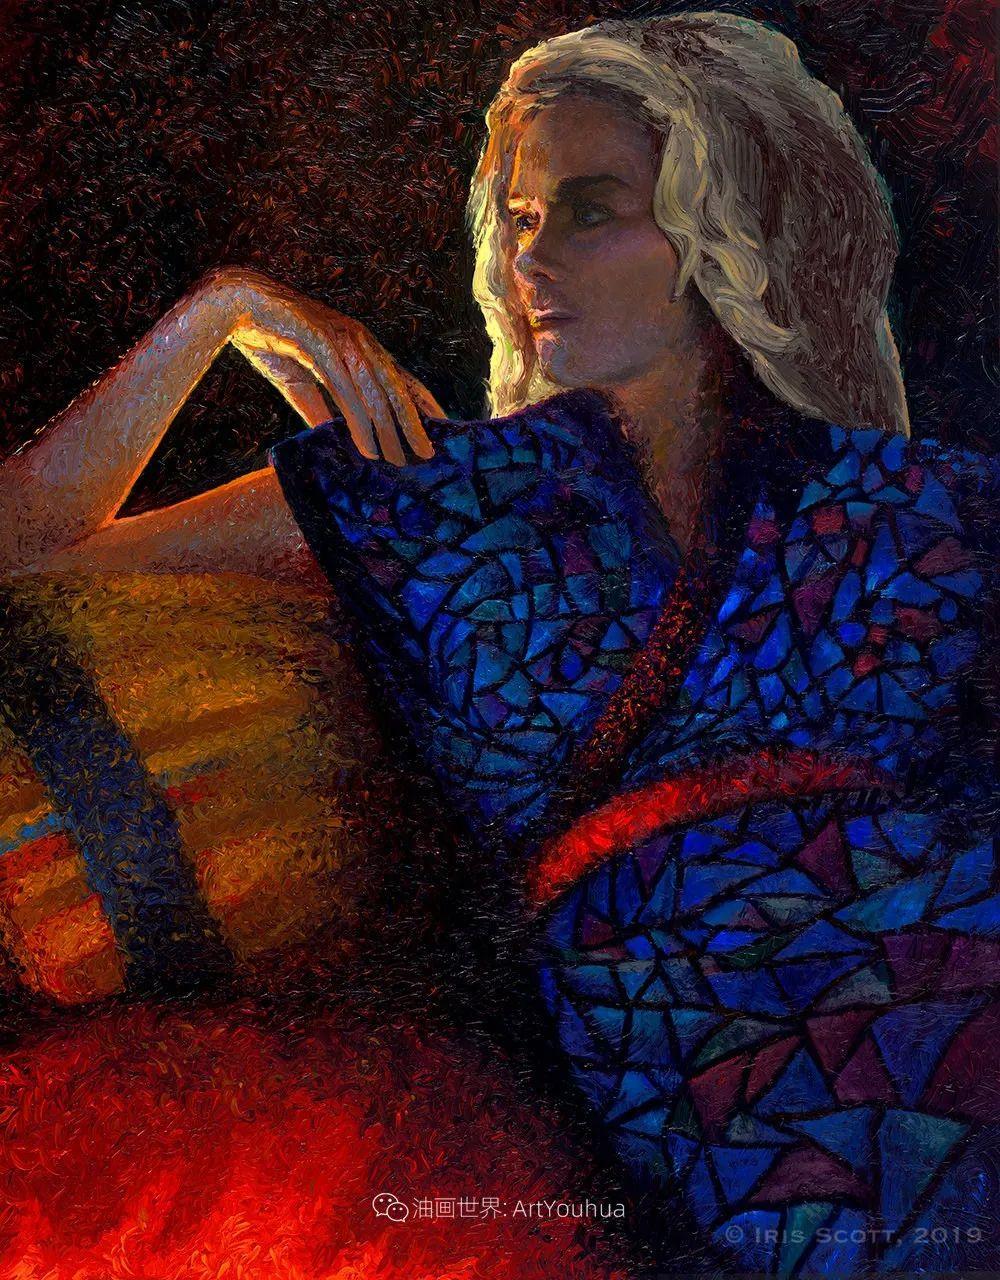 用颜料触摸这个世界!美国画家Iris Scott画选(下)——人物街景篇插图101